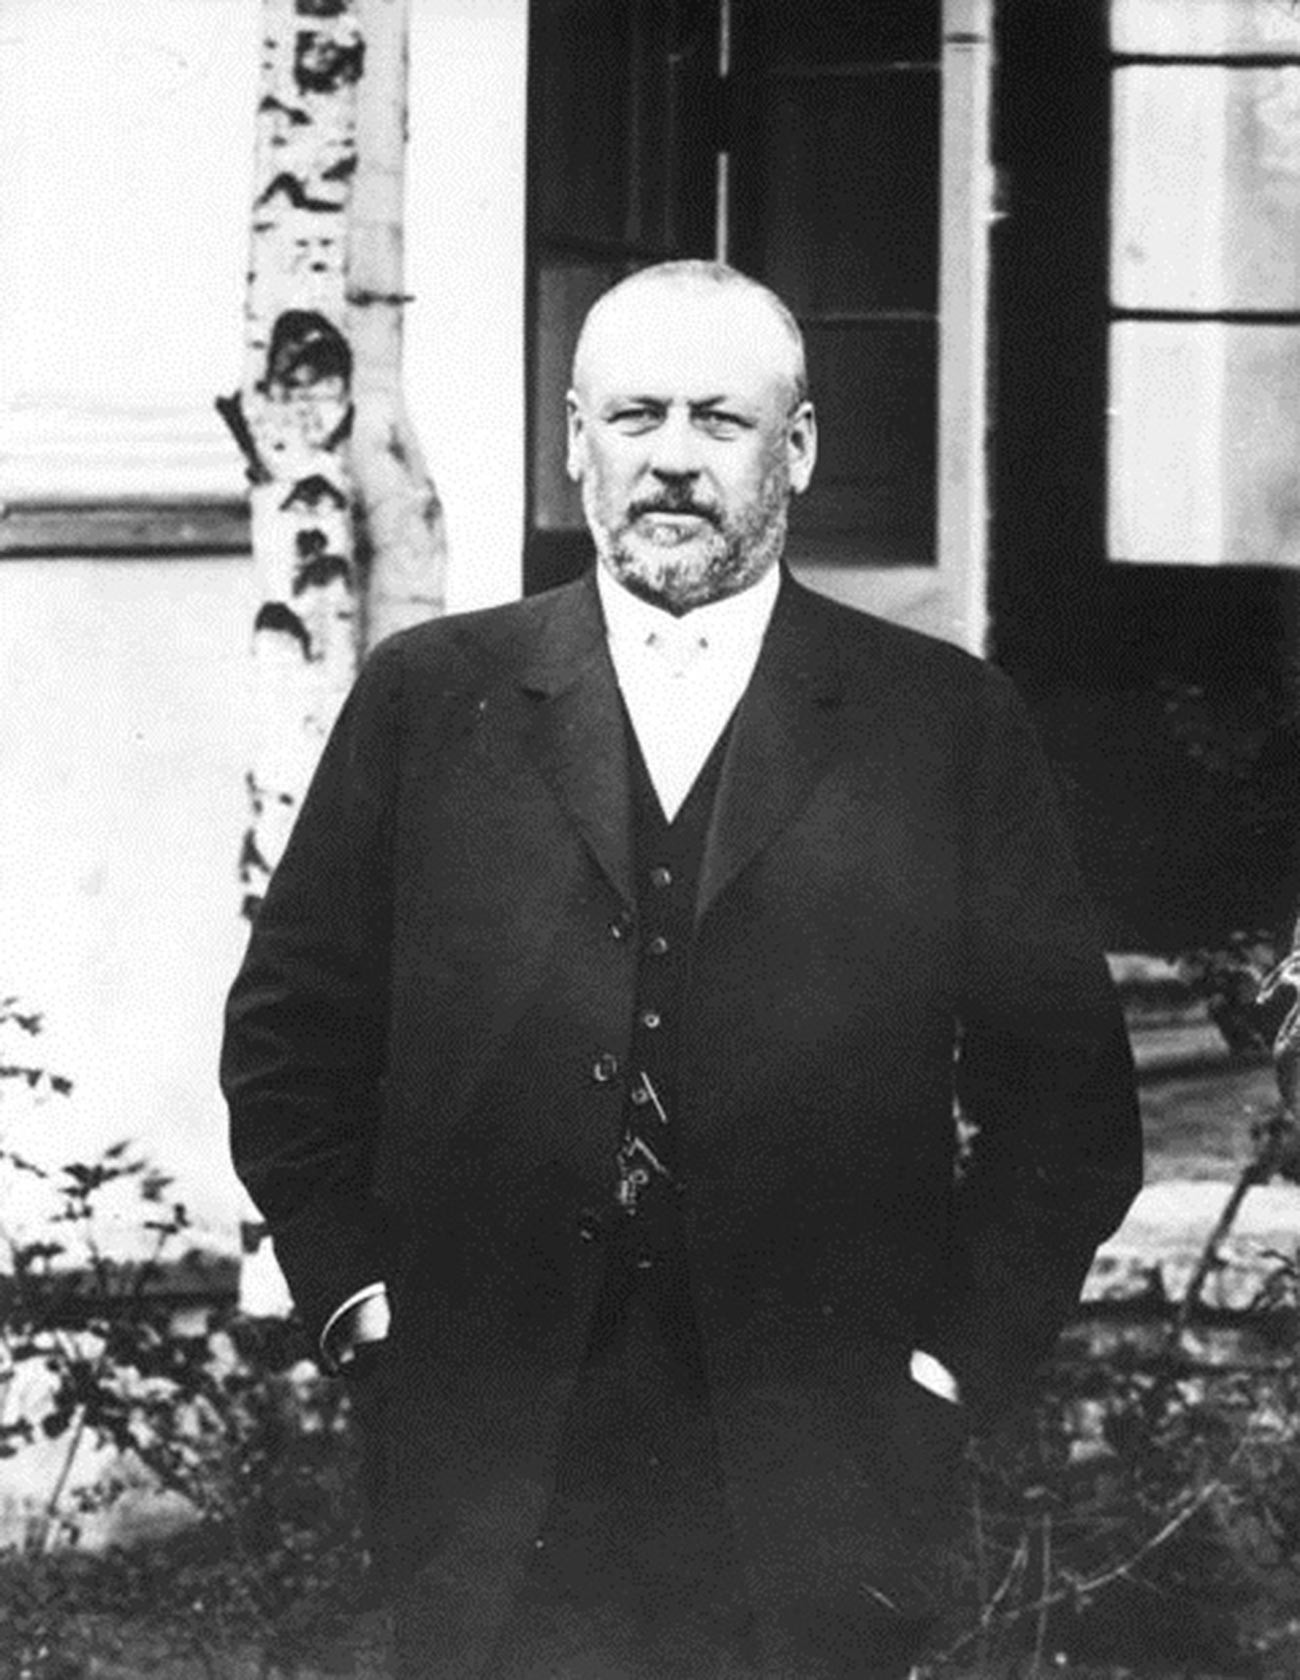 Mihail Rodzjanko